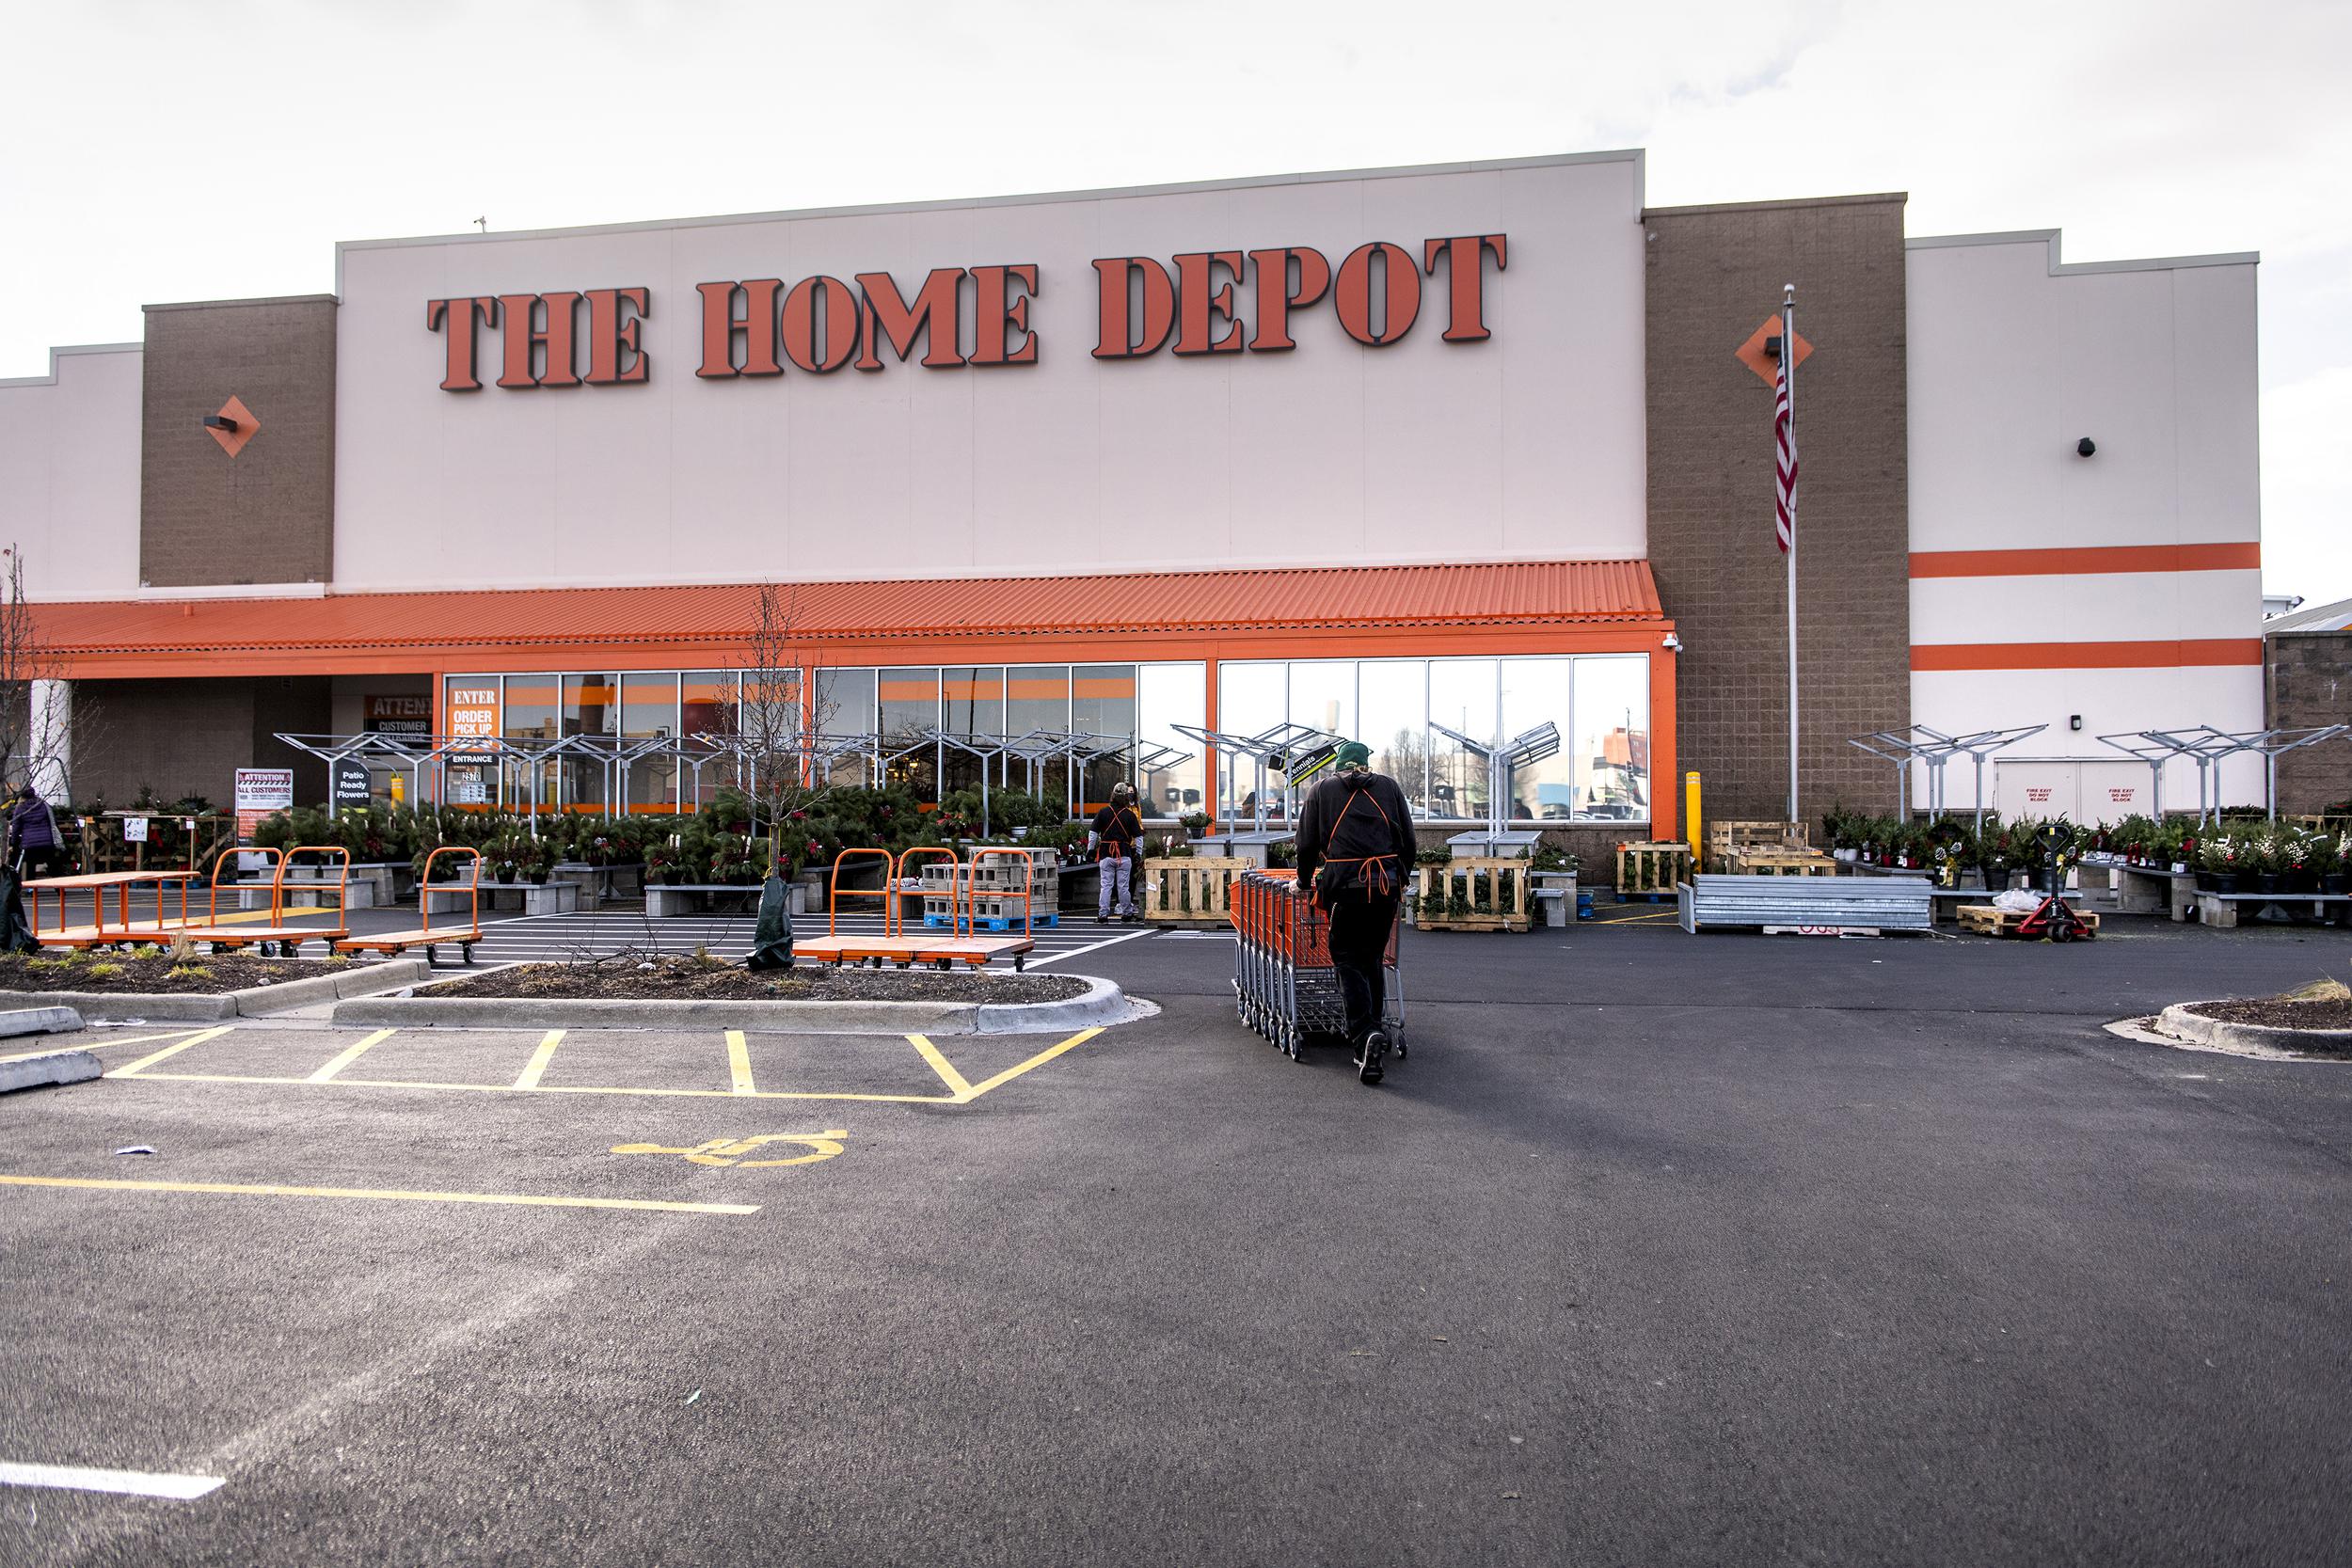 https www nbcnews com news us news ceiling fans sold home depot recalled after blades detach n1252425